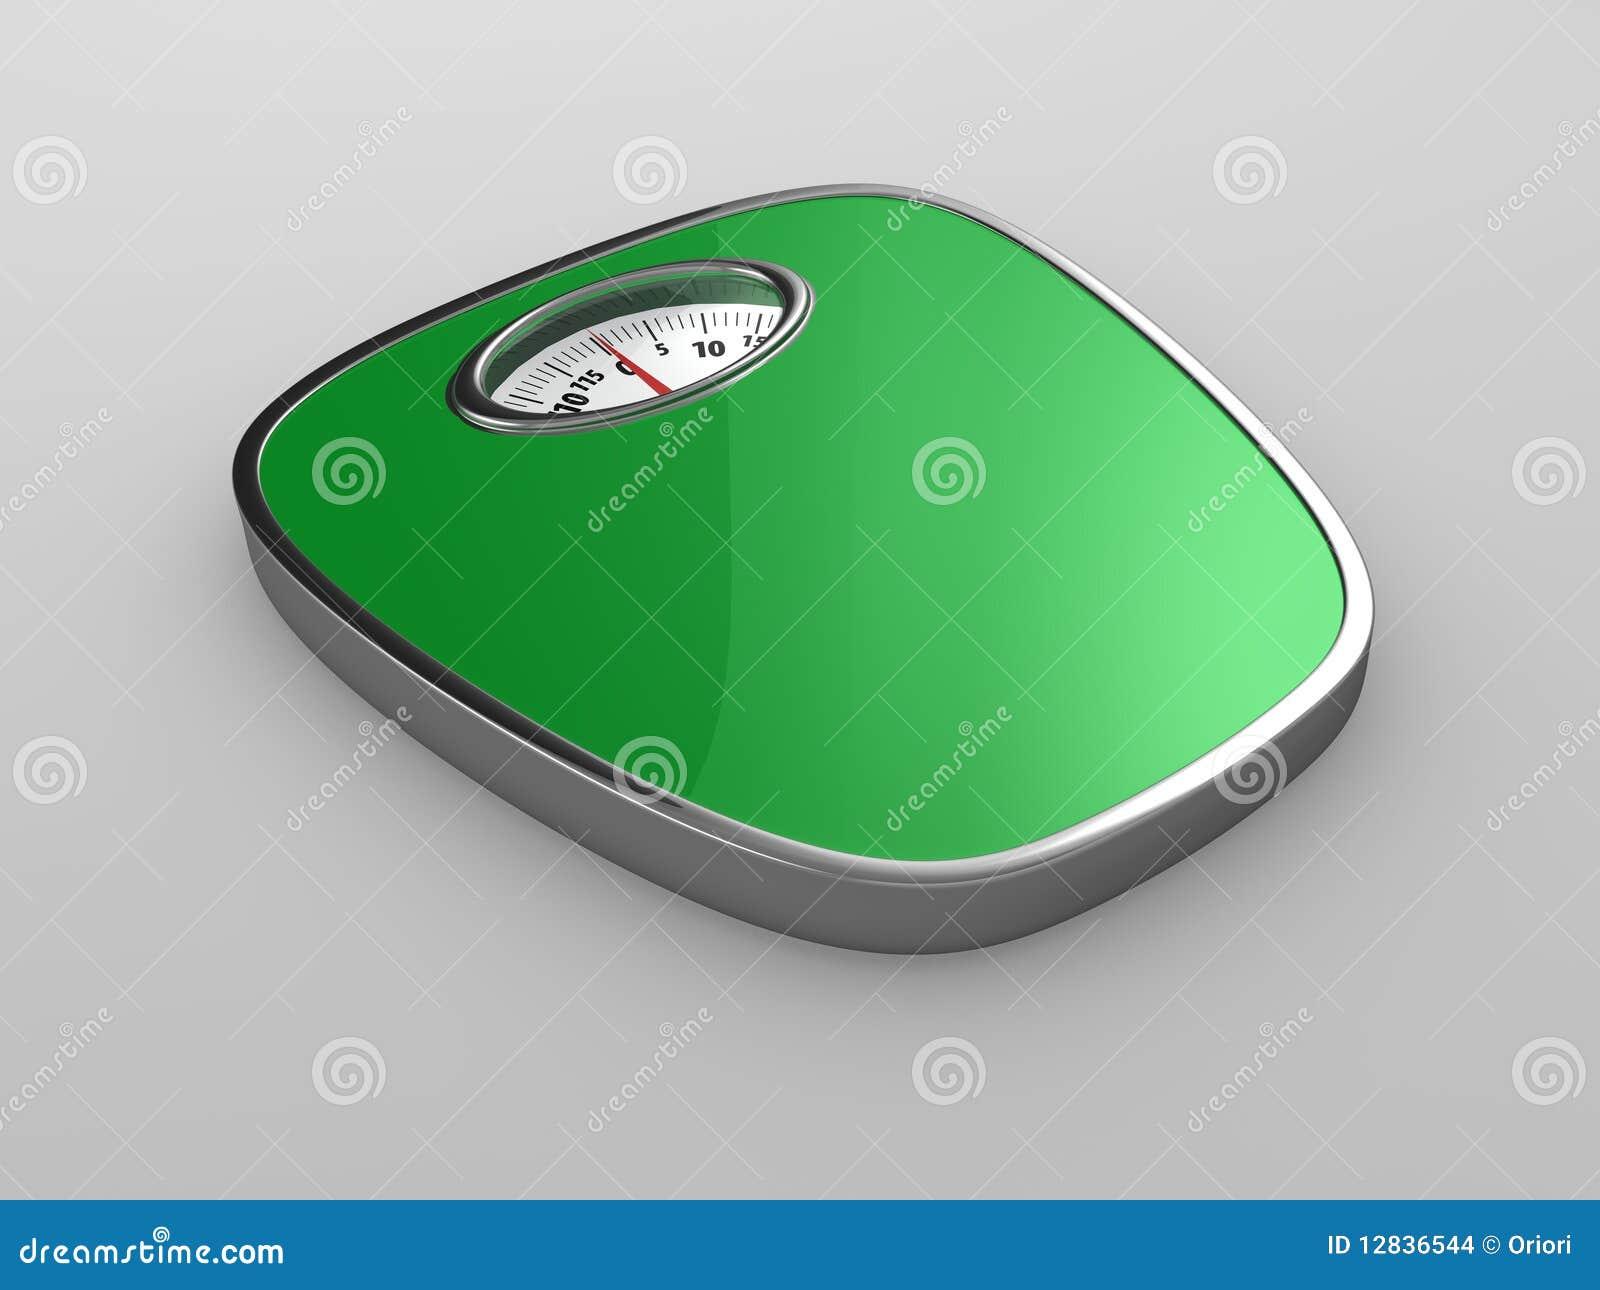 Imagenes De Baños Verdes:Básculas De Baño Verdes Imagenes de archivo – Imagen: 12836544